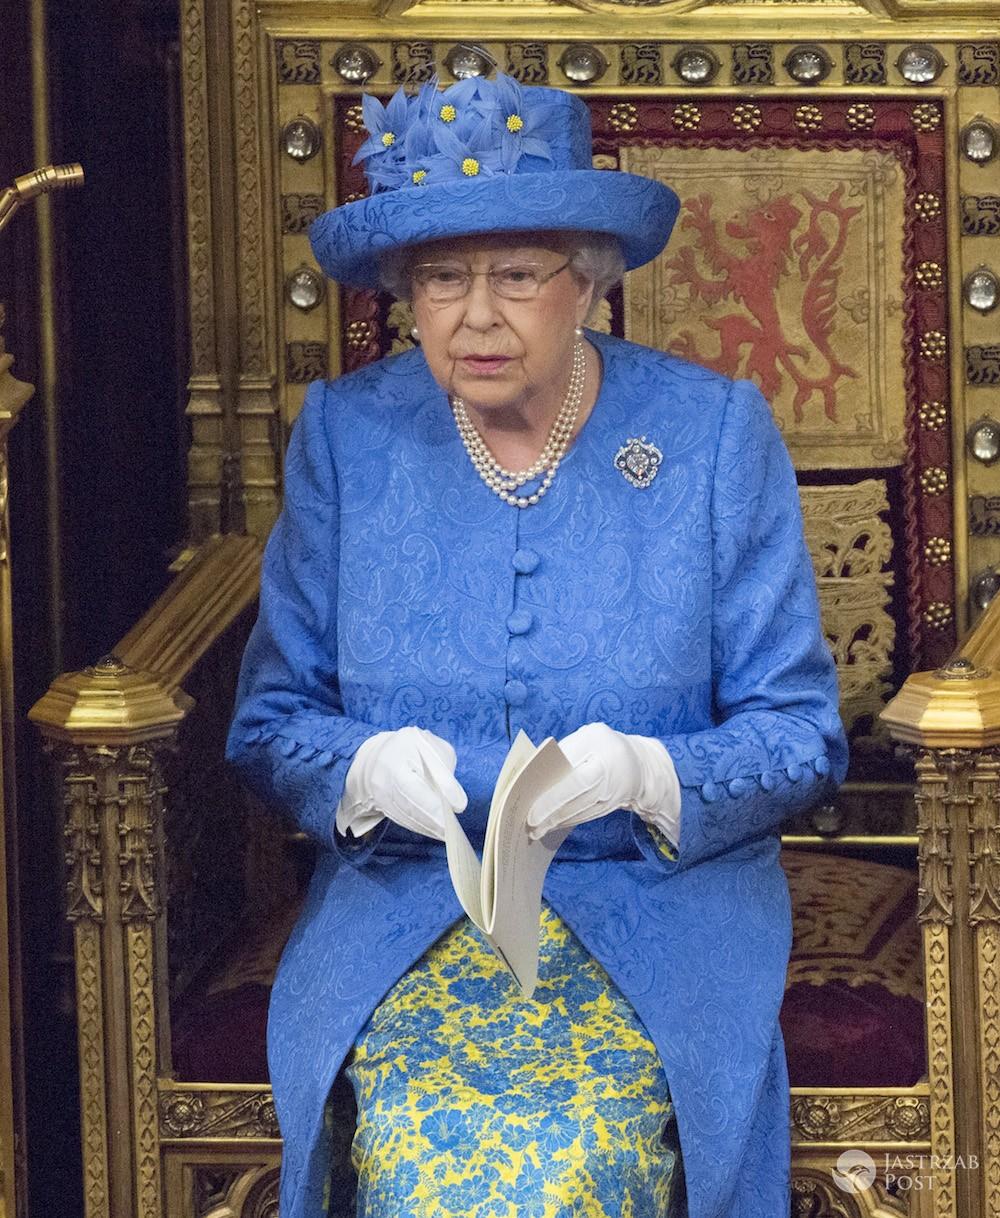 Manifest Królowej Elżbiety II w kapeluszu w barwach Unii